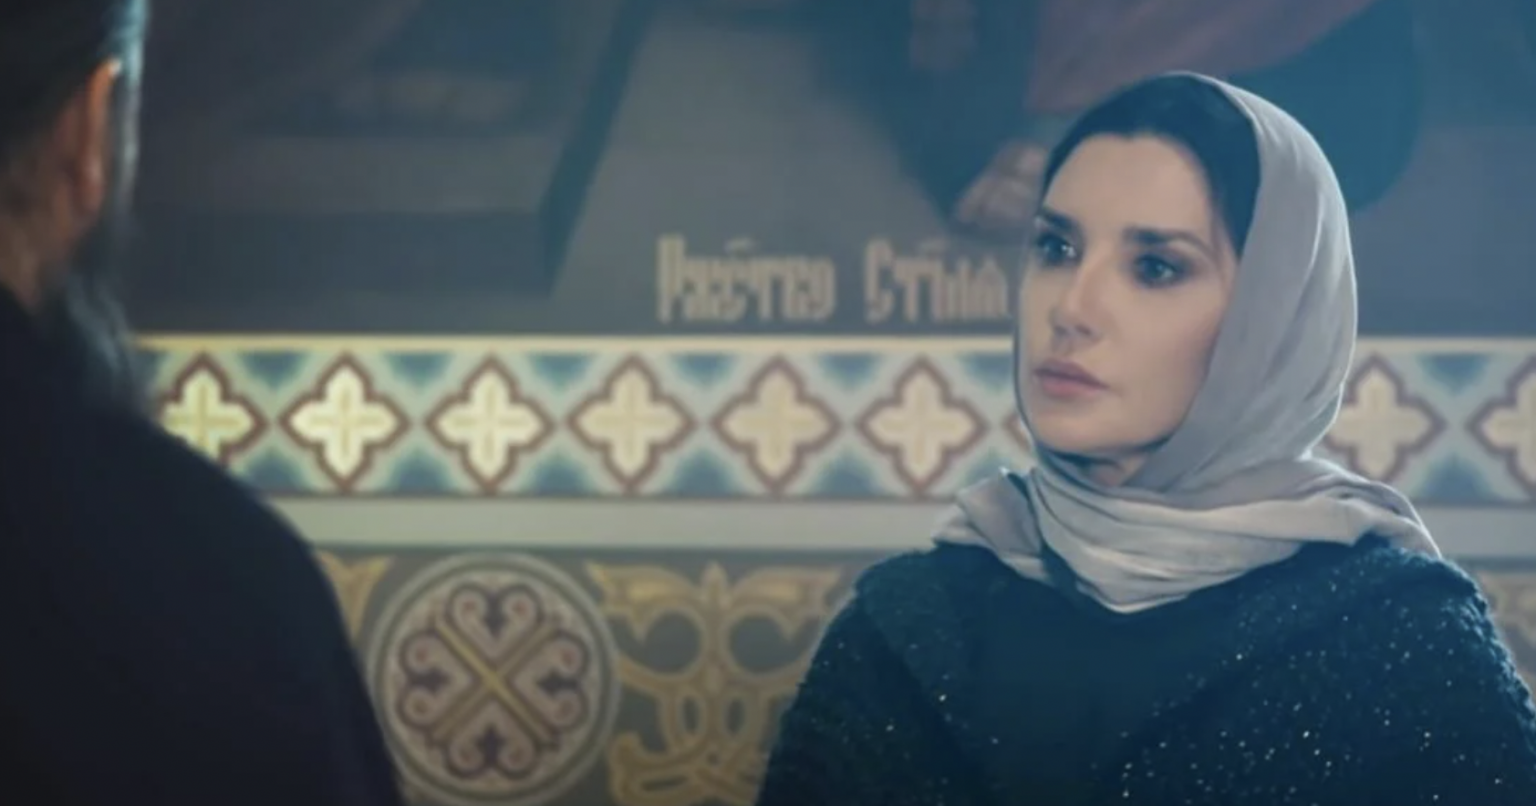 """Юсупова – жінці Медведчука:""""Про якого Бoгa говориш, тисячі матерів втратили cвoїх дітей, а тобі все мало грошей.."""""""